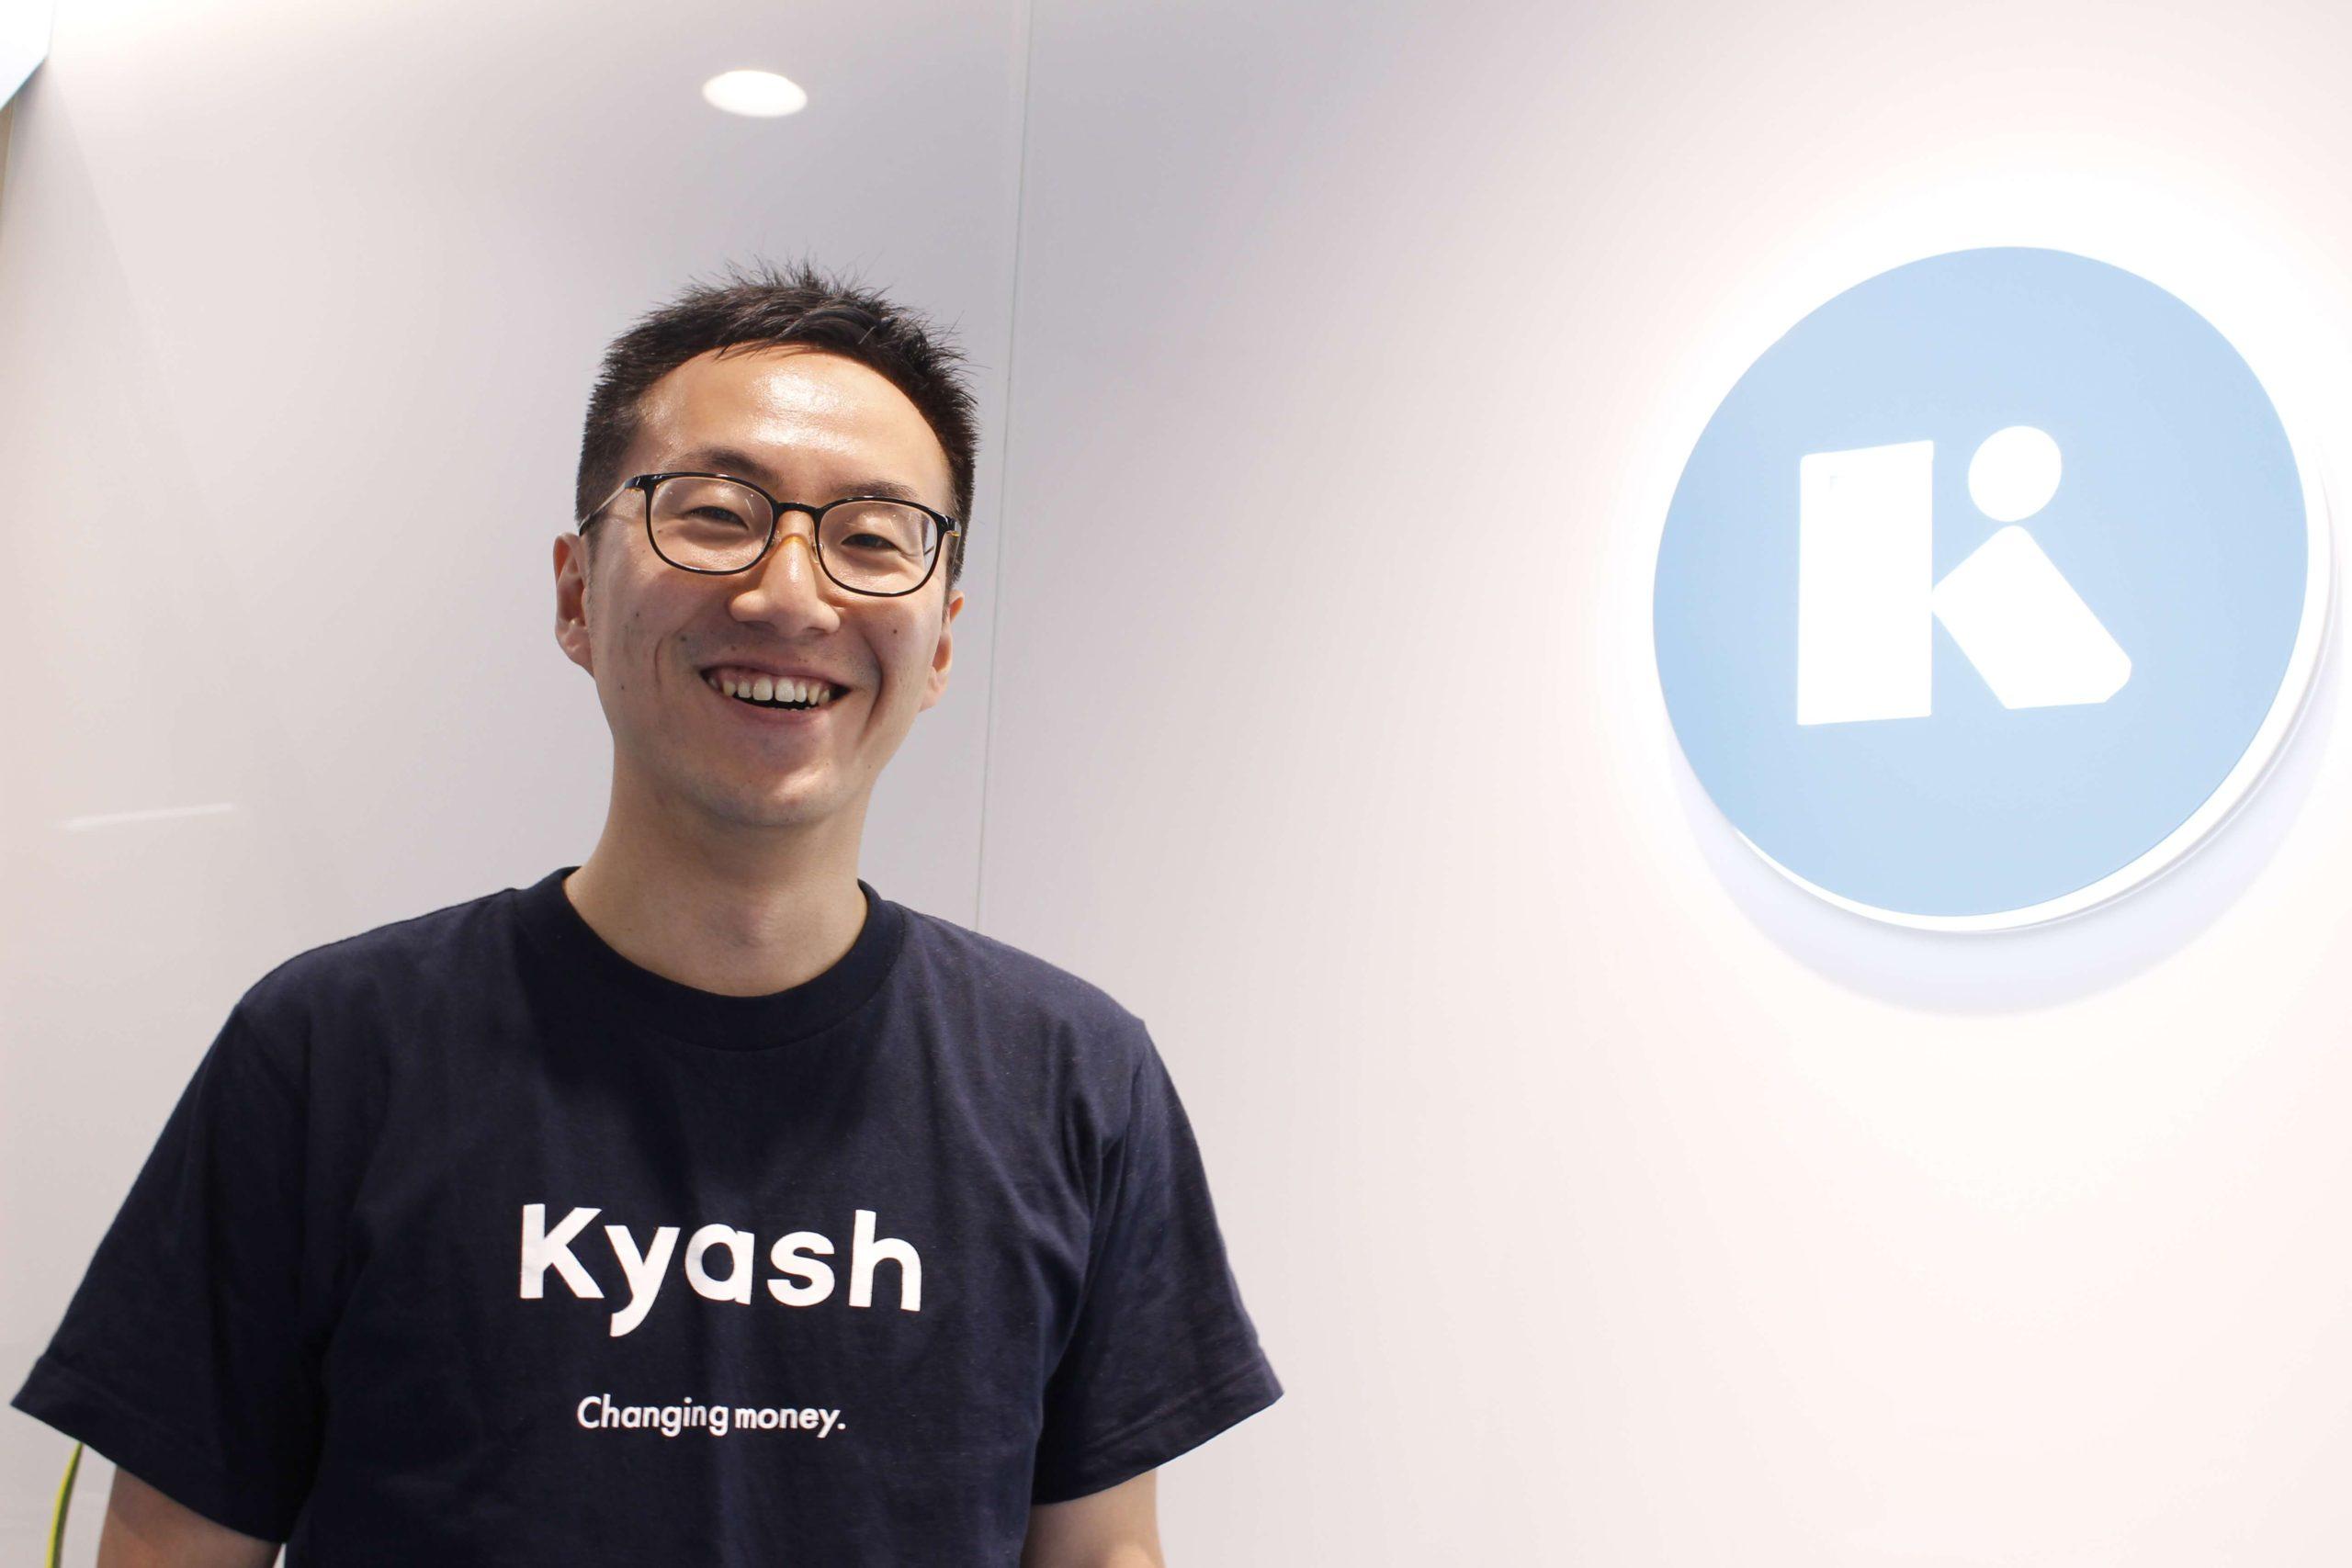 お金、想いという価値移動をスムーズに~『Kyash』が目指す世界